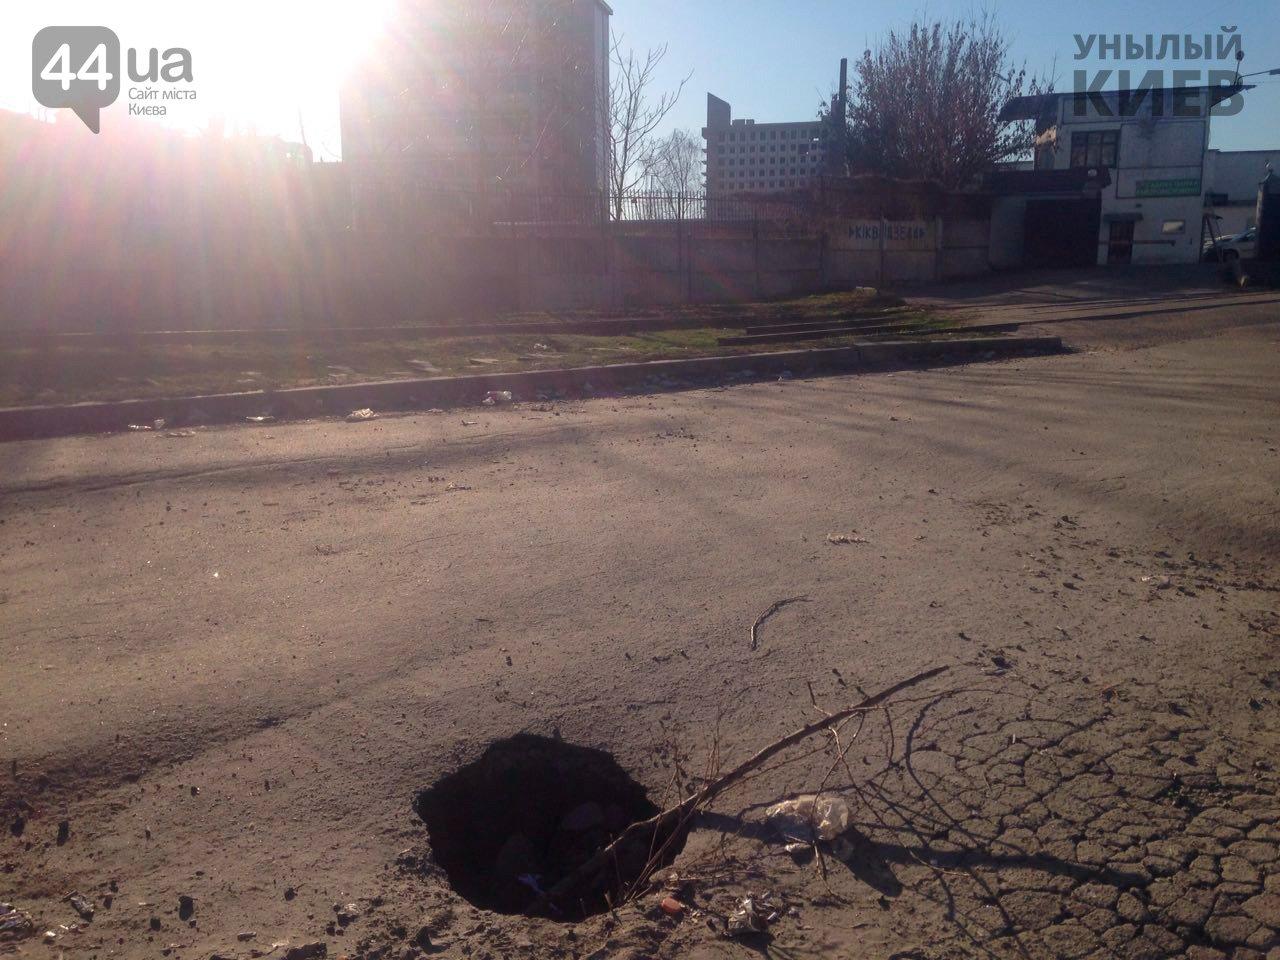 Унылый Киев: вспоминаем март (ФОТО/ВИДЕО), фото-4